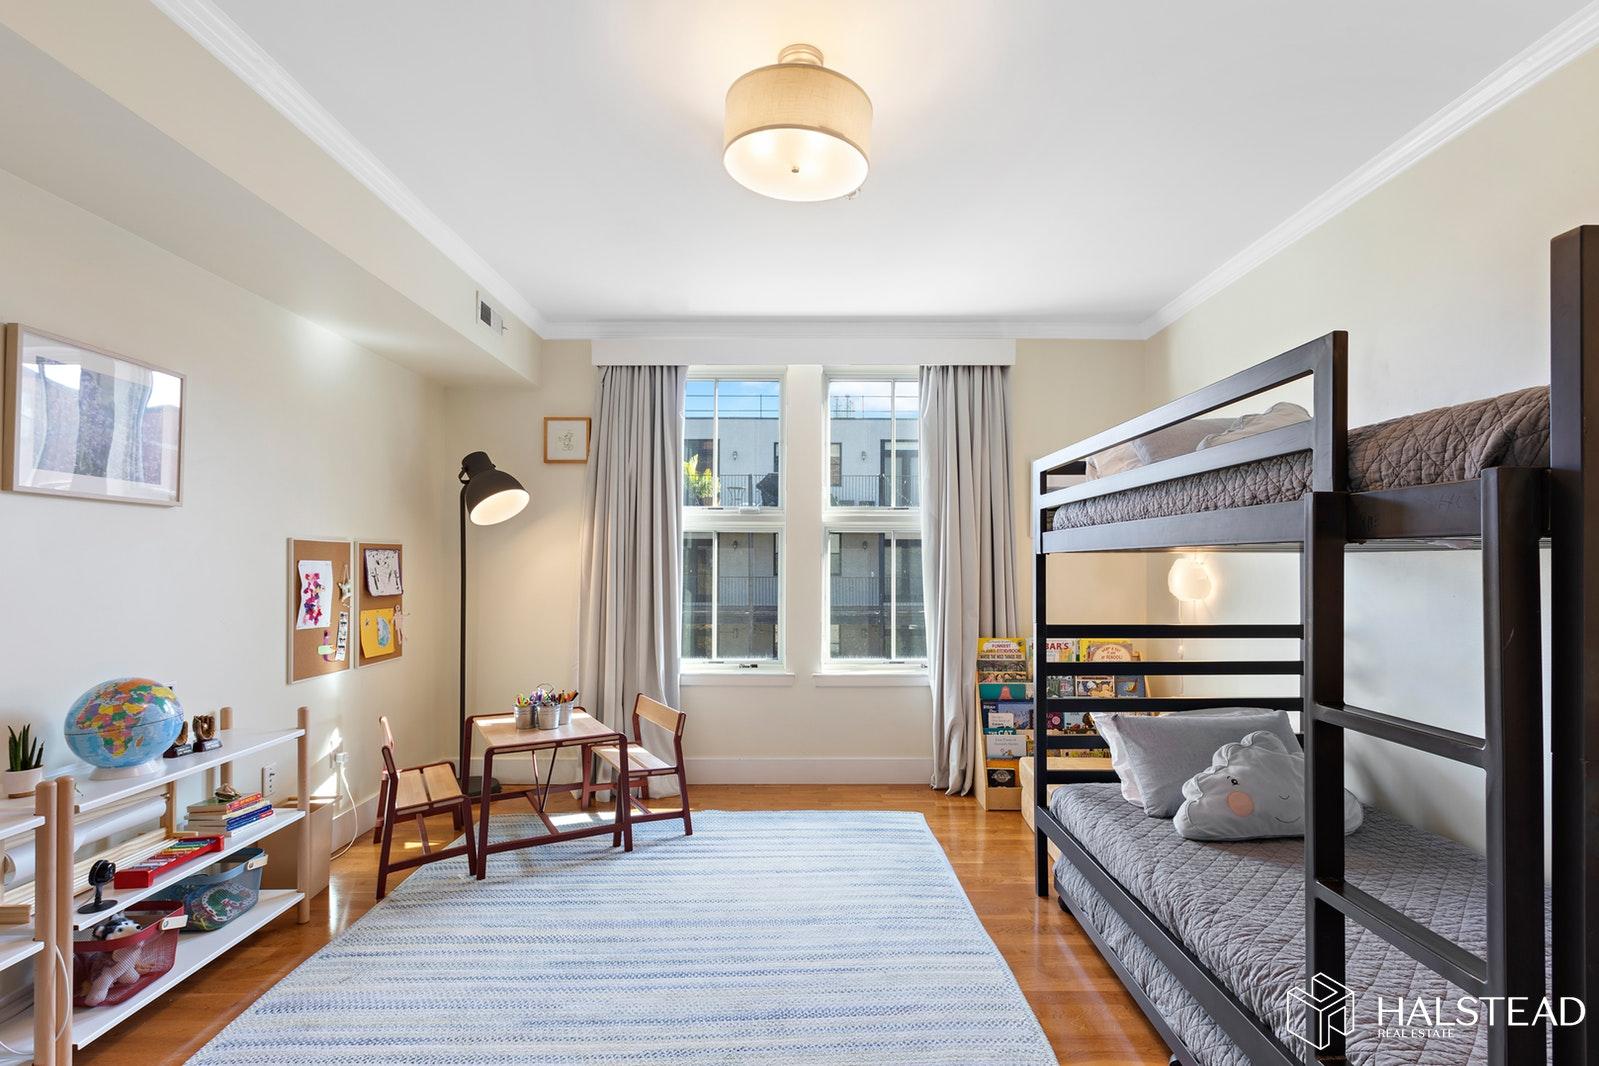 109 HARRISON ST 502, Hoboken, $915,000, Web #: 19953544